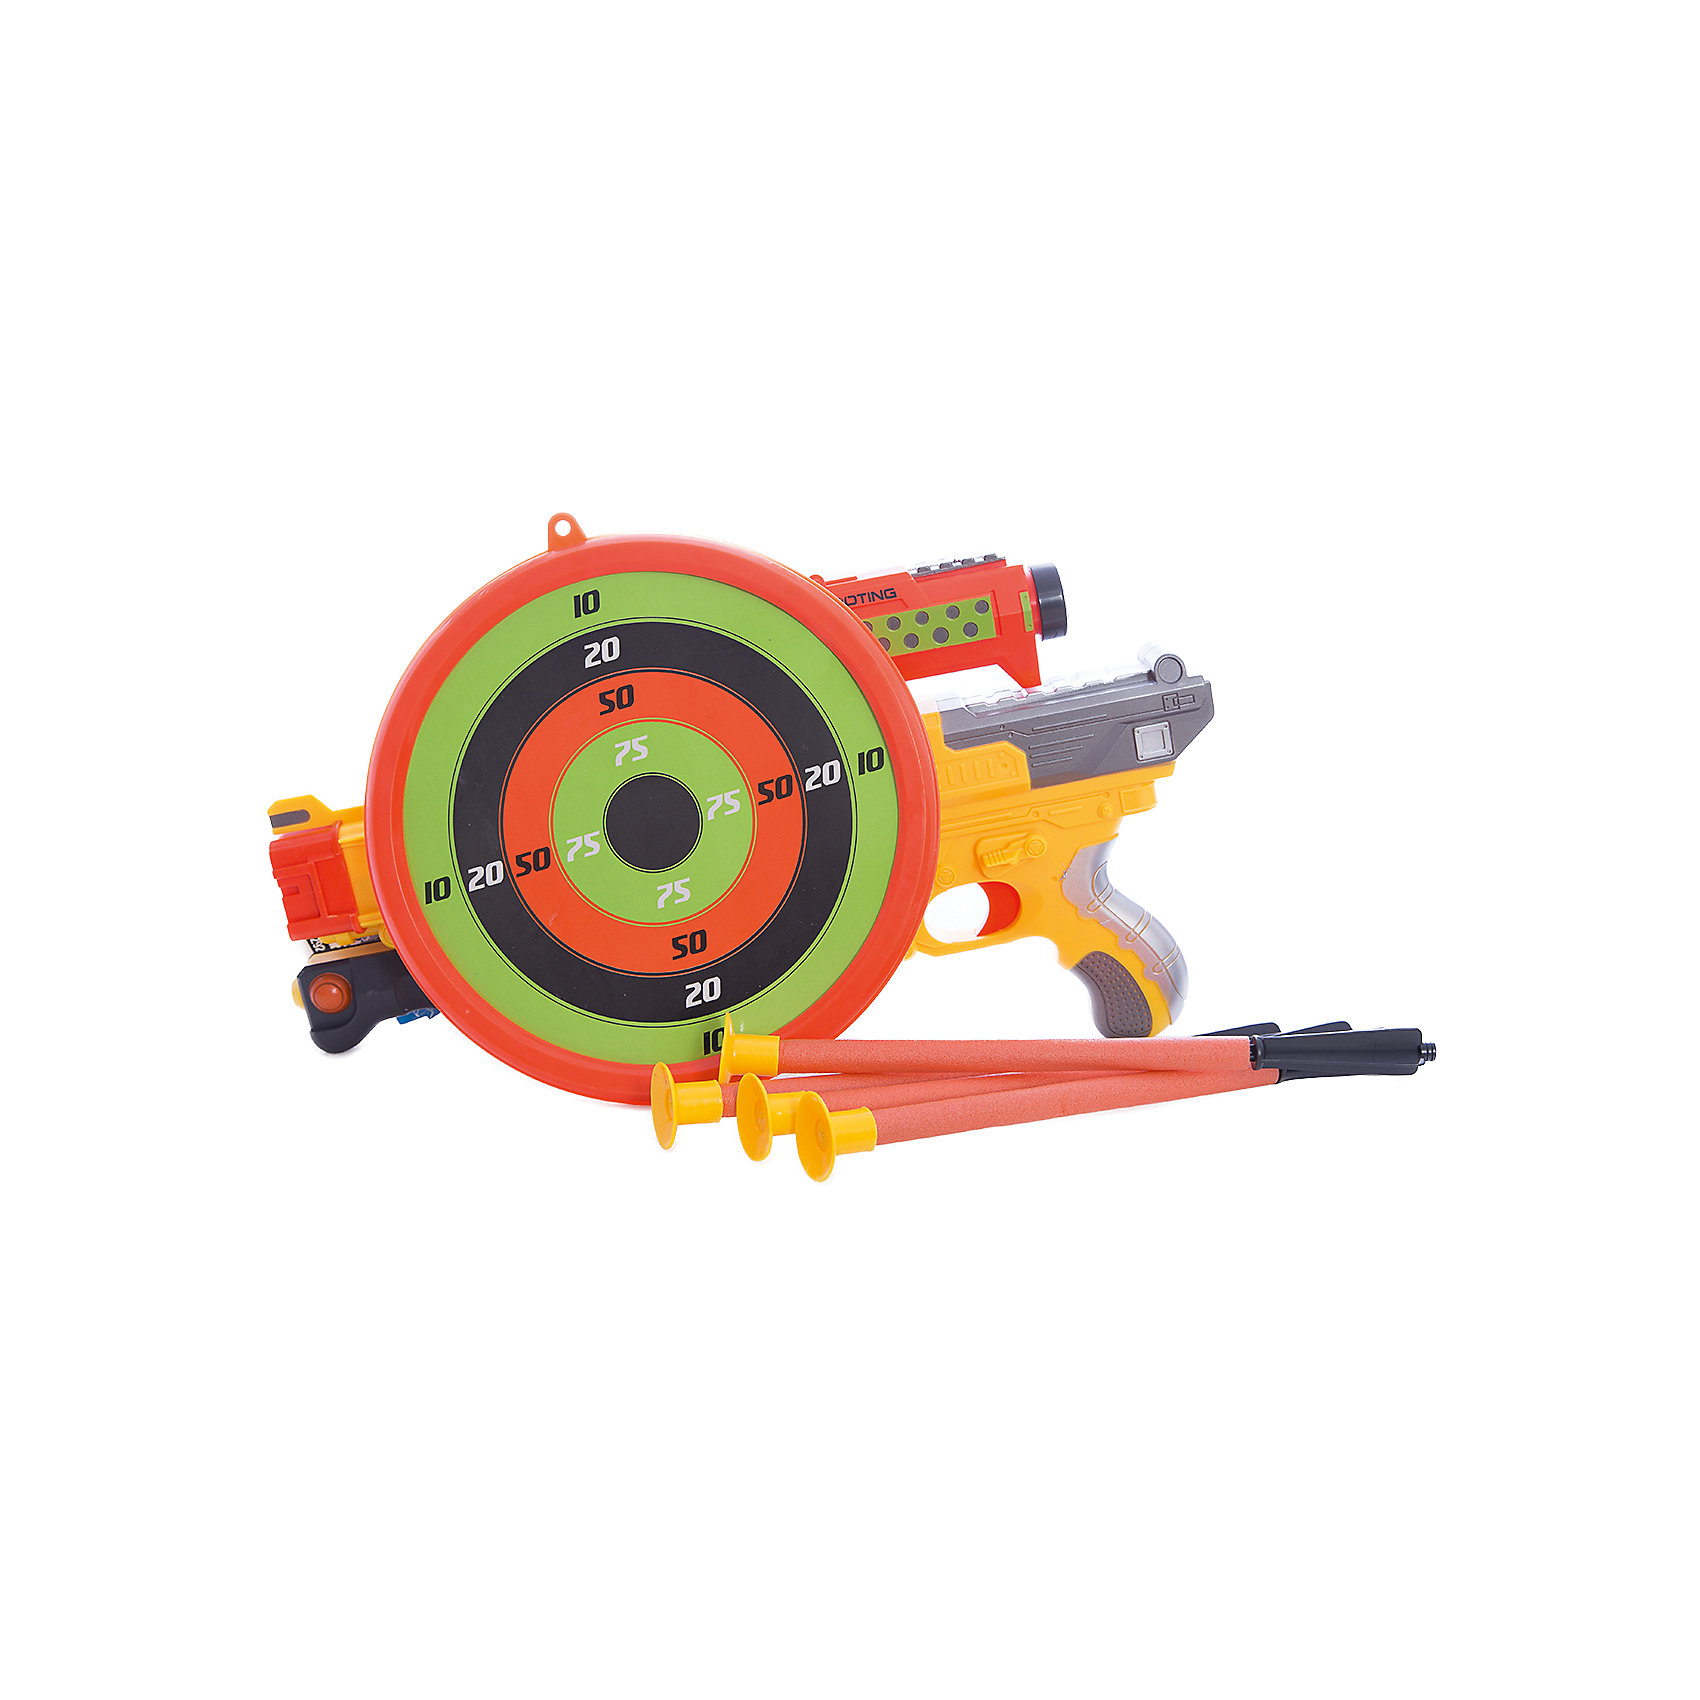 Арбалет со стрелами на присосках (3 стрелы, мишень и держатель для стрел), желтый, ABtoysСюжетно-ролевые игры<br>Арбалет со стрелами на присосках желтый, в наборе 3 стрелы, мишень и держатель для стрел, в коробке<br><br>Ширина мм: 485<br>Глубина мм: 280<br>Высота мм: 105<br>Вес г: 1125<br>Возраст от месяцев: 36<br>Возраст до месяцев: 144<br>Пол: Мужской<br>Возраст: Детский<br>SKU: 5500945